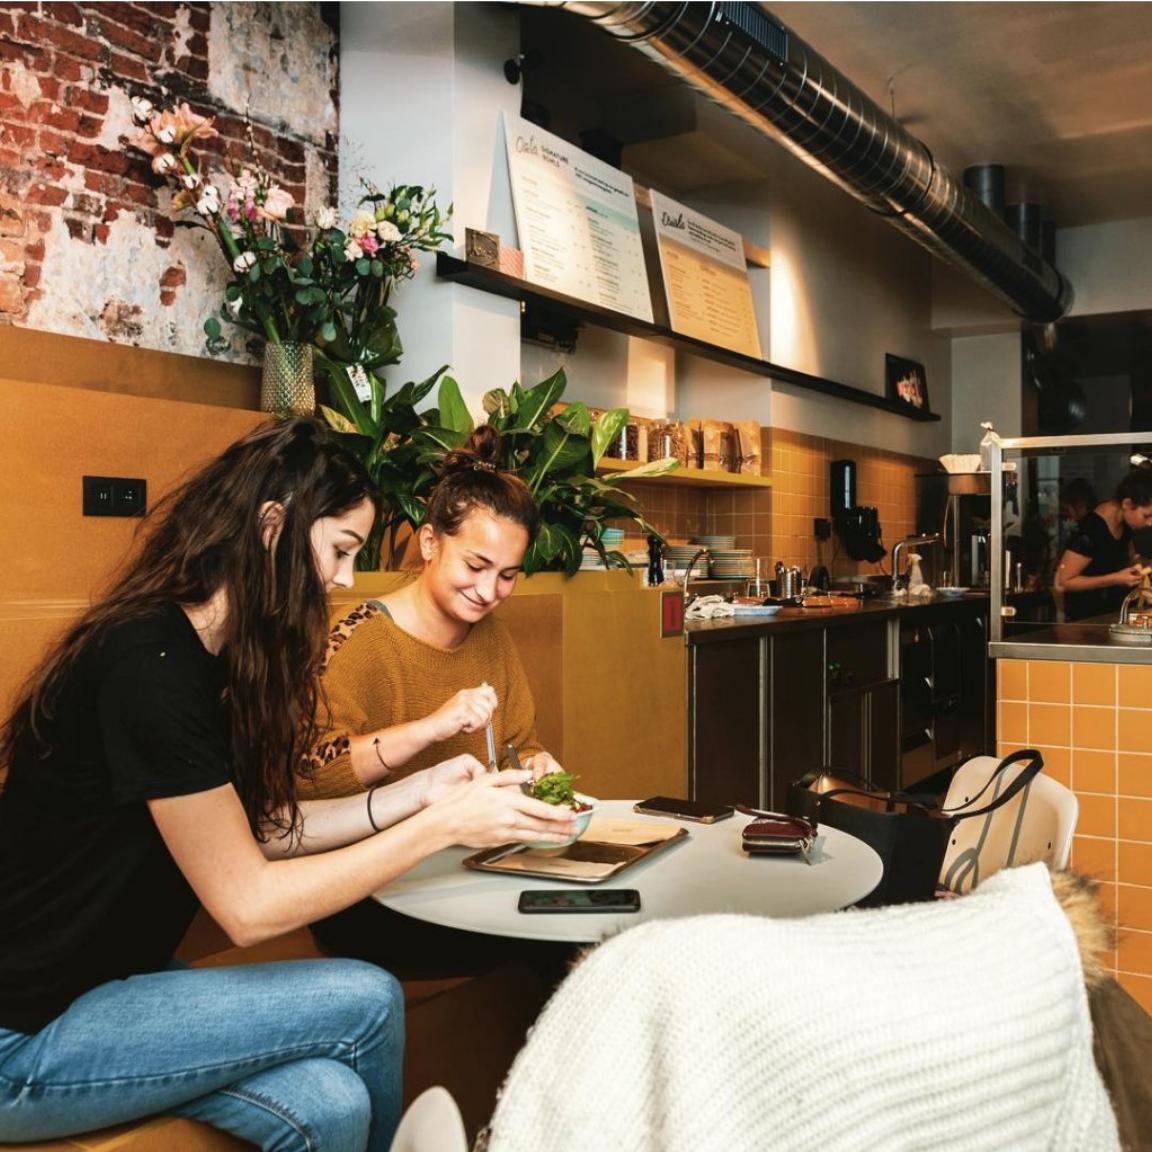 VAB-Magazine - 5X HIP ONTBIJTEN IN GENT (04/01/2019)Vegan of klassiek, snel of traag, gezond of zalige zoete zondes: in Gent is de ontbijtcultuur populairder dan ooit. Vijf hotspots in de Arteveldestad om te ontbijten en de dag heerlijk te starten.OATS DAY LONG - Welkom bij de eerste havermoutbar in de Benelux! Wie boterhammen en croissants even moe is, kan bij Oats Day Long een klassiek ontbijt afwisselen met een havermoutbowl …